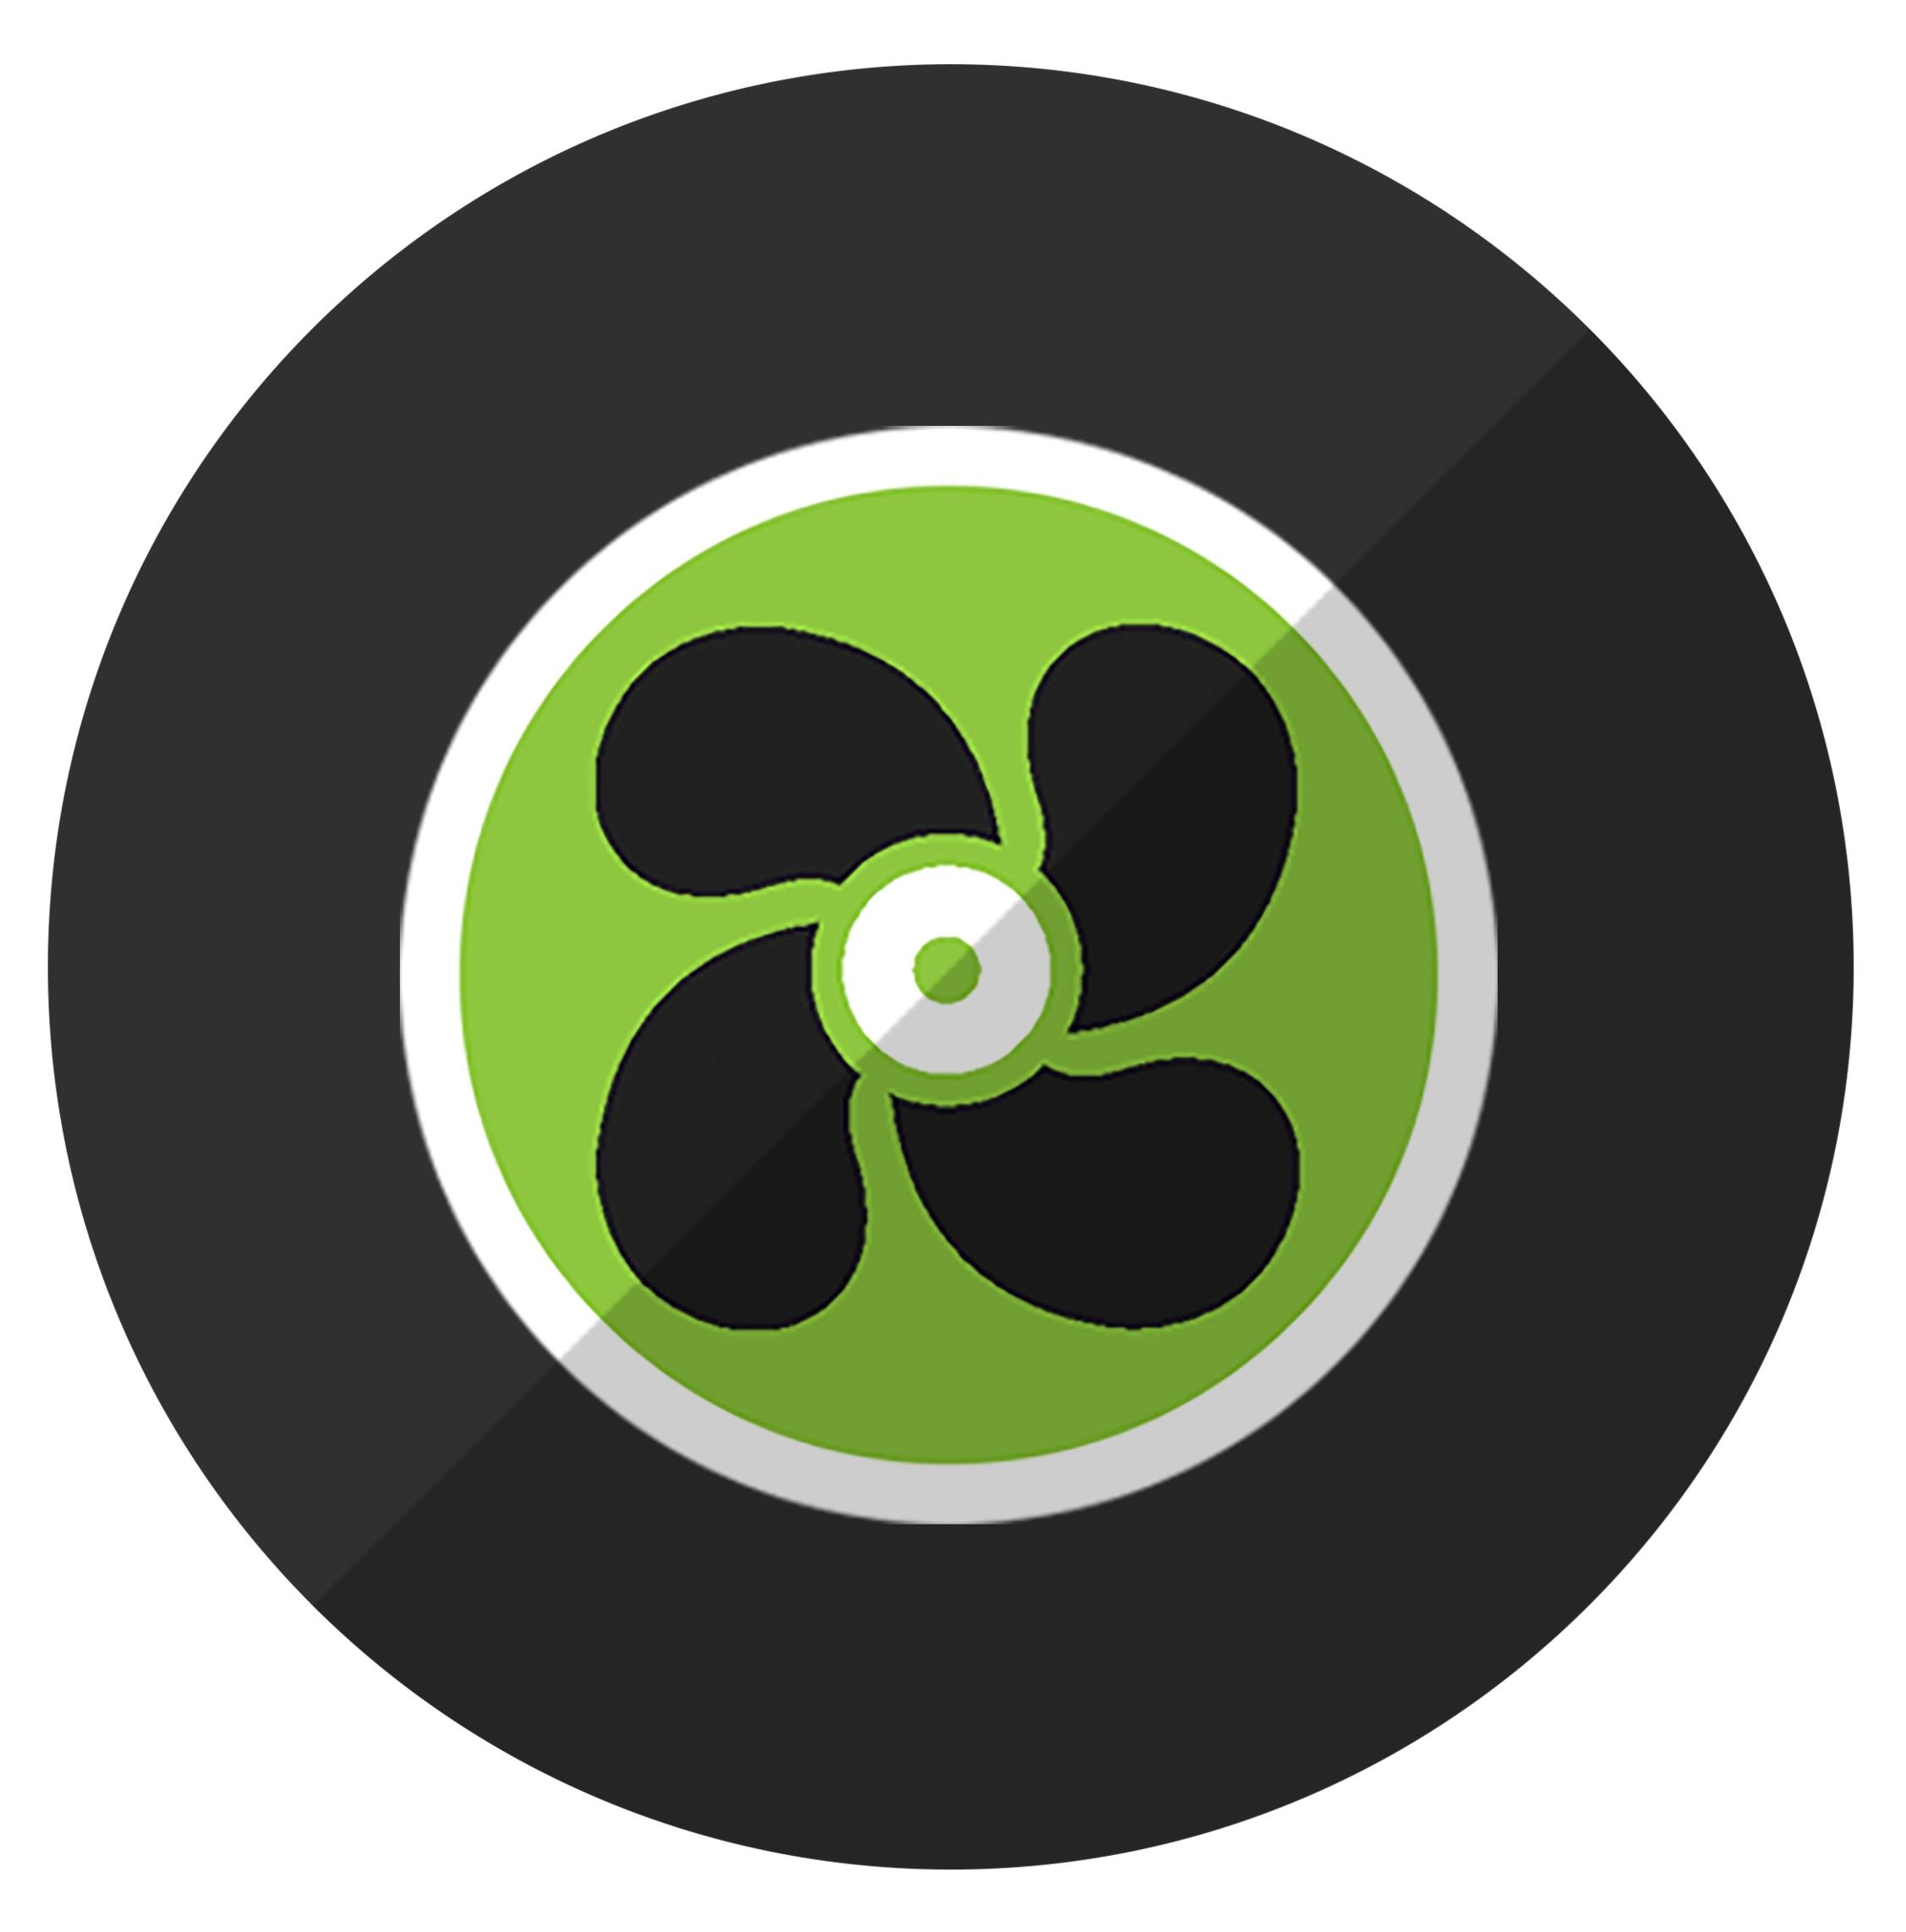 Air+Source+Heat+Pump+installation+Circle+Icon.jpg